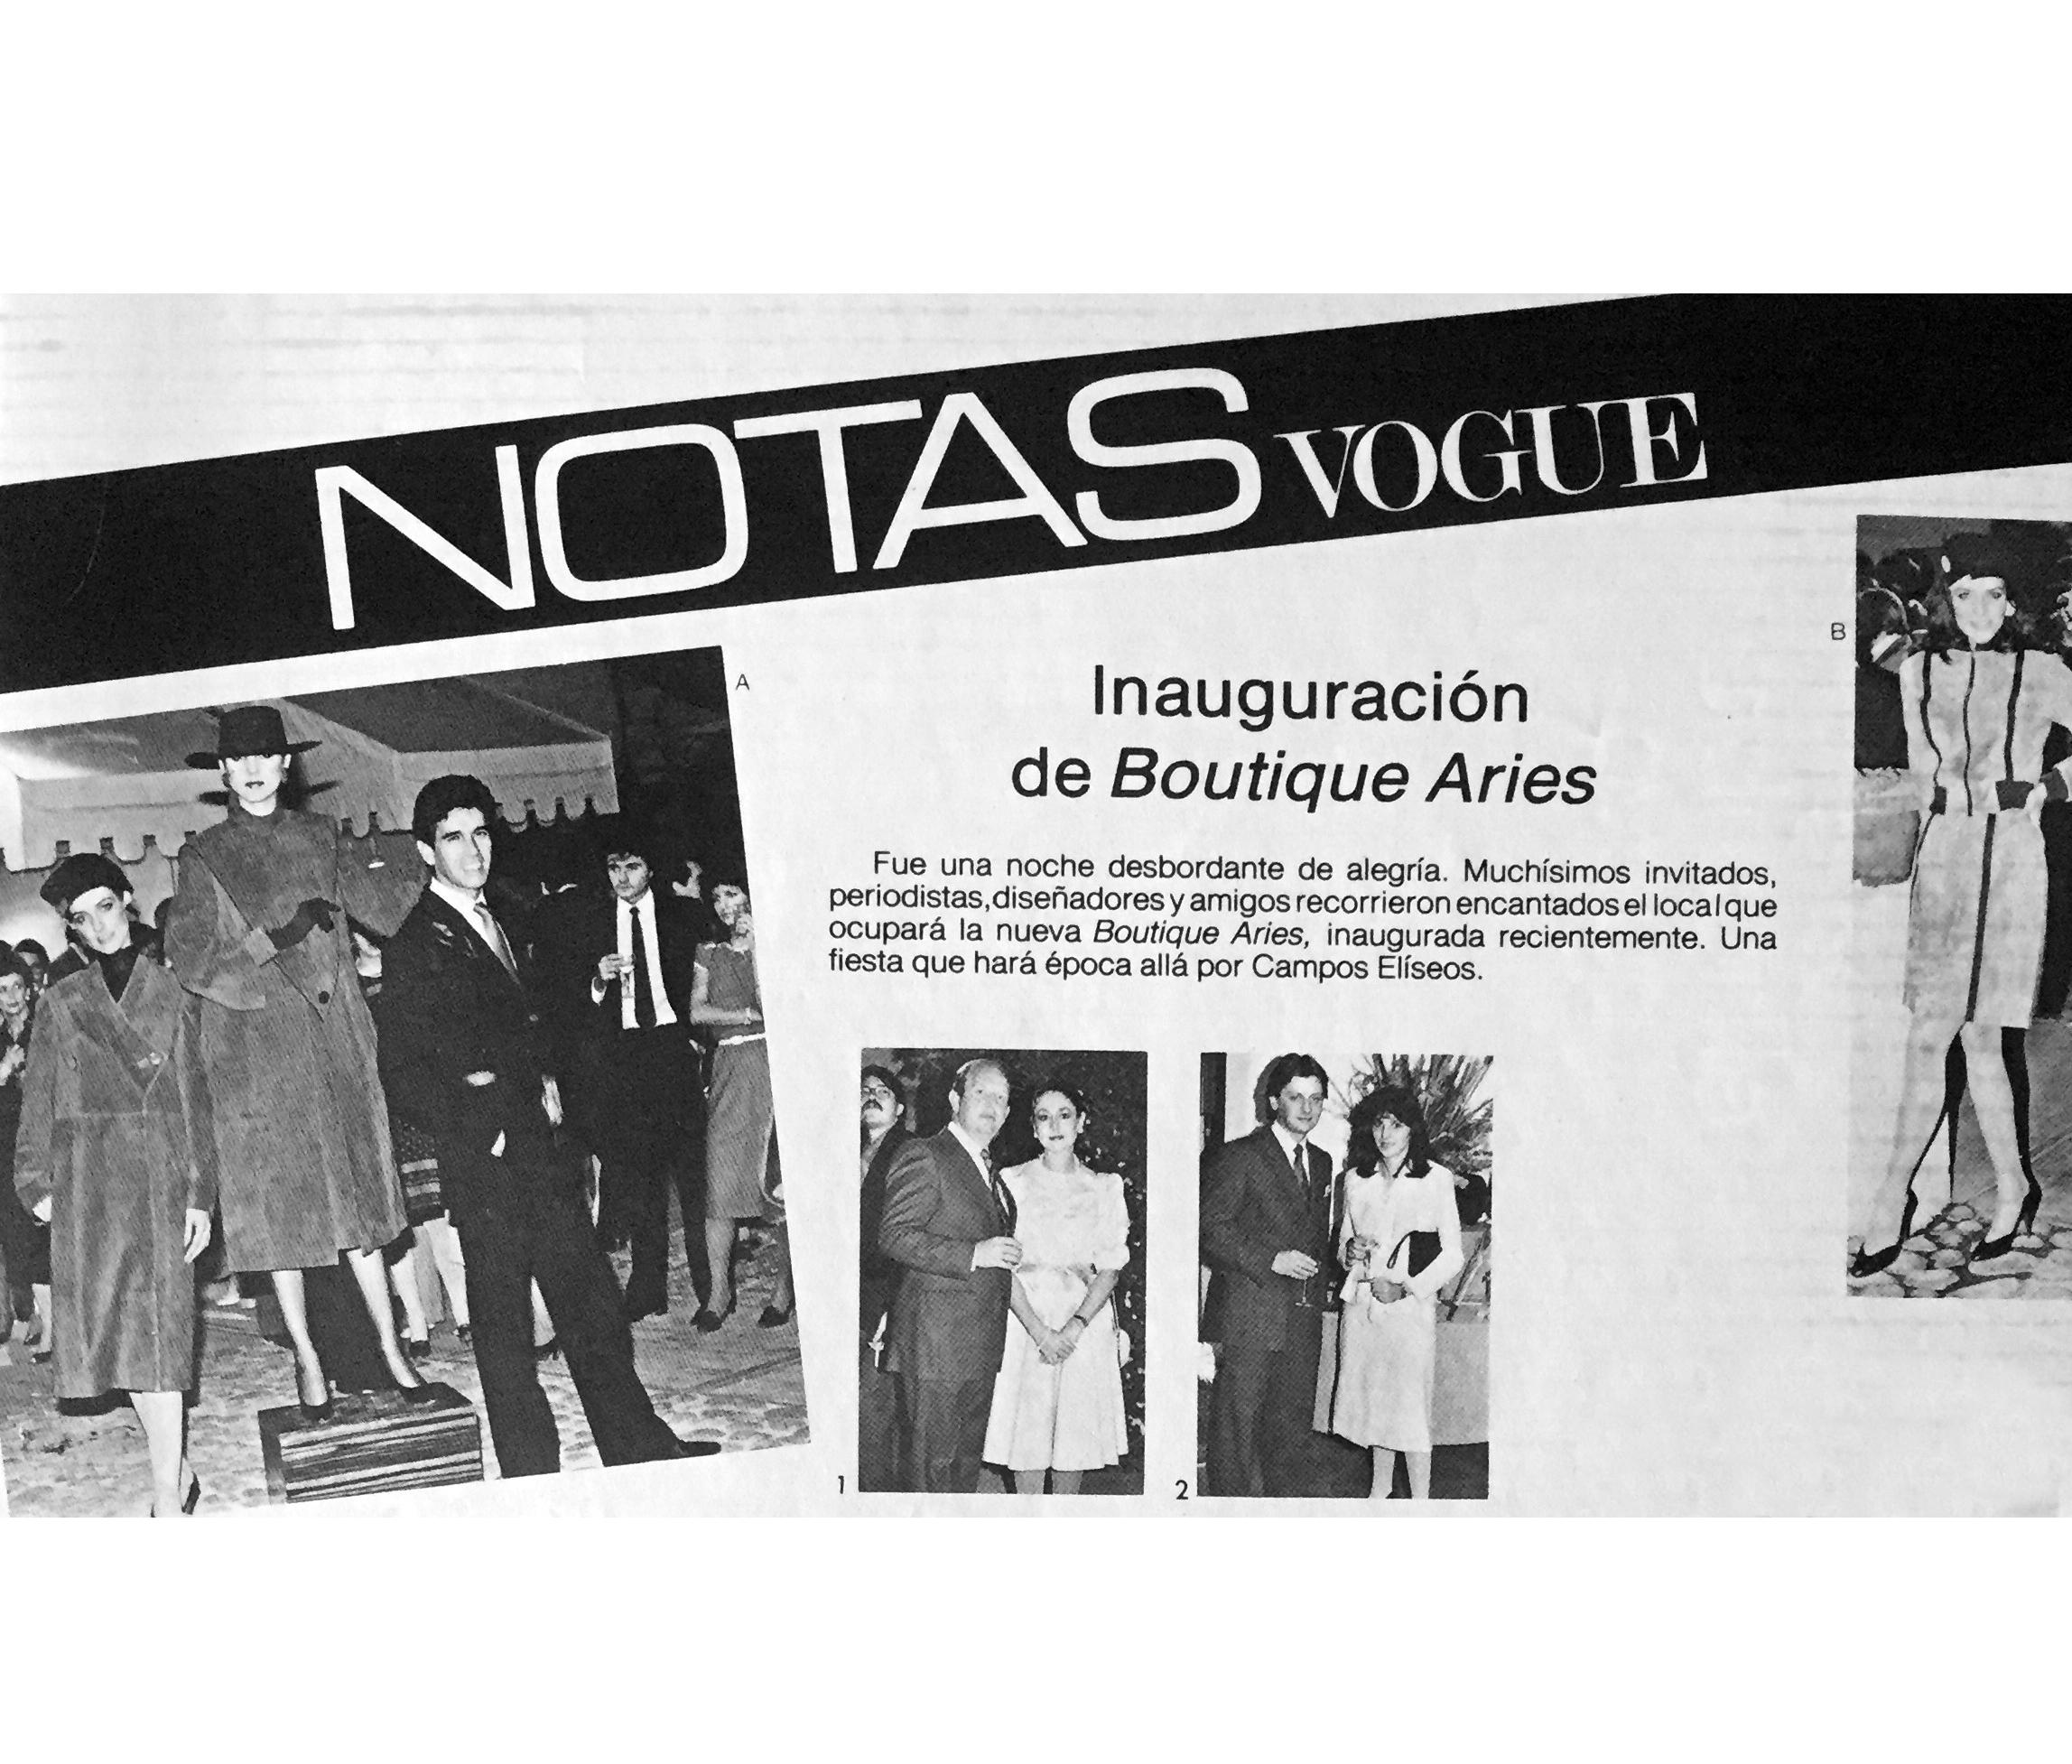 Notas Vogue